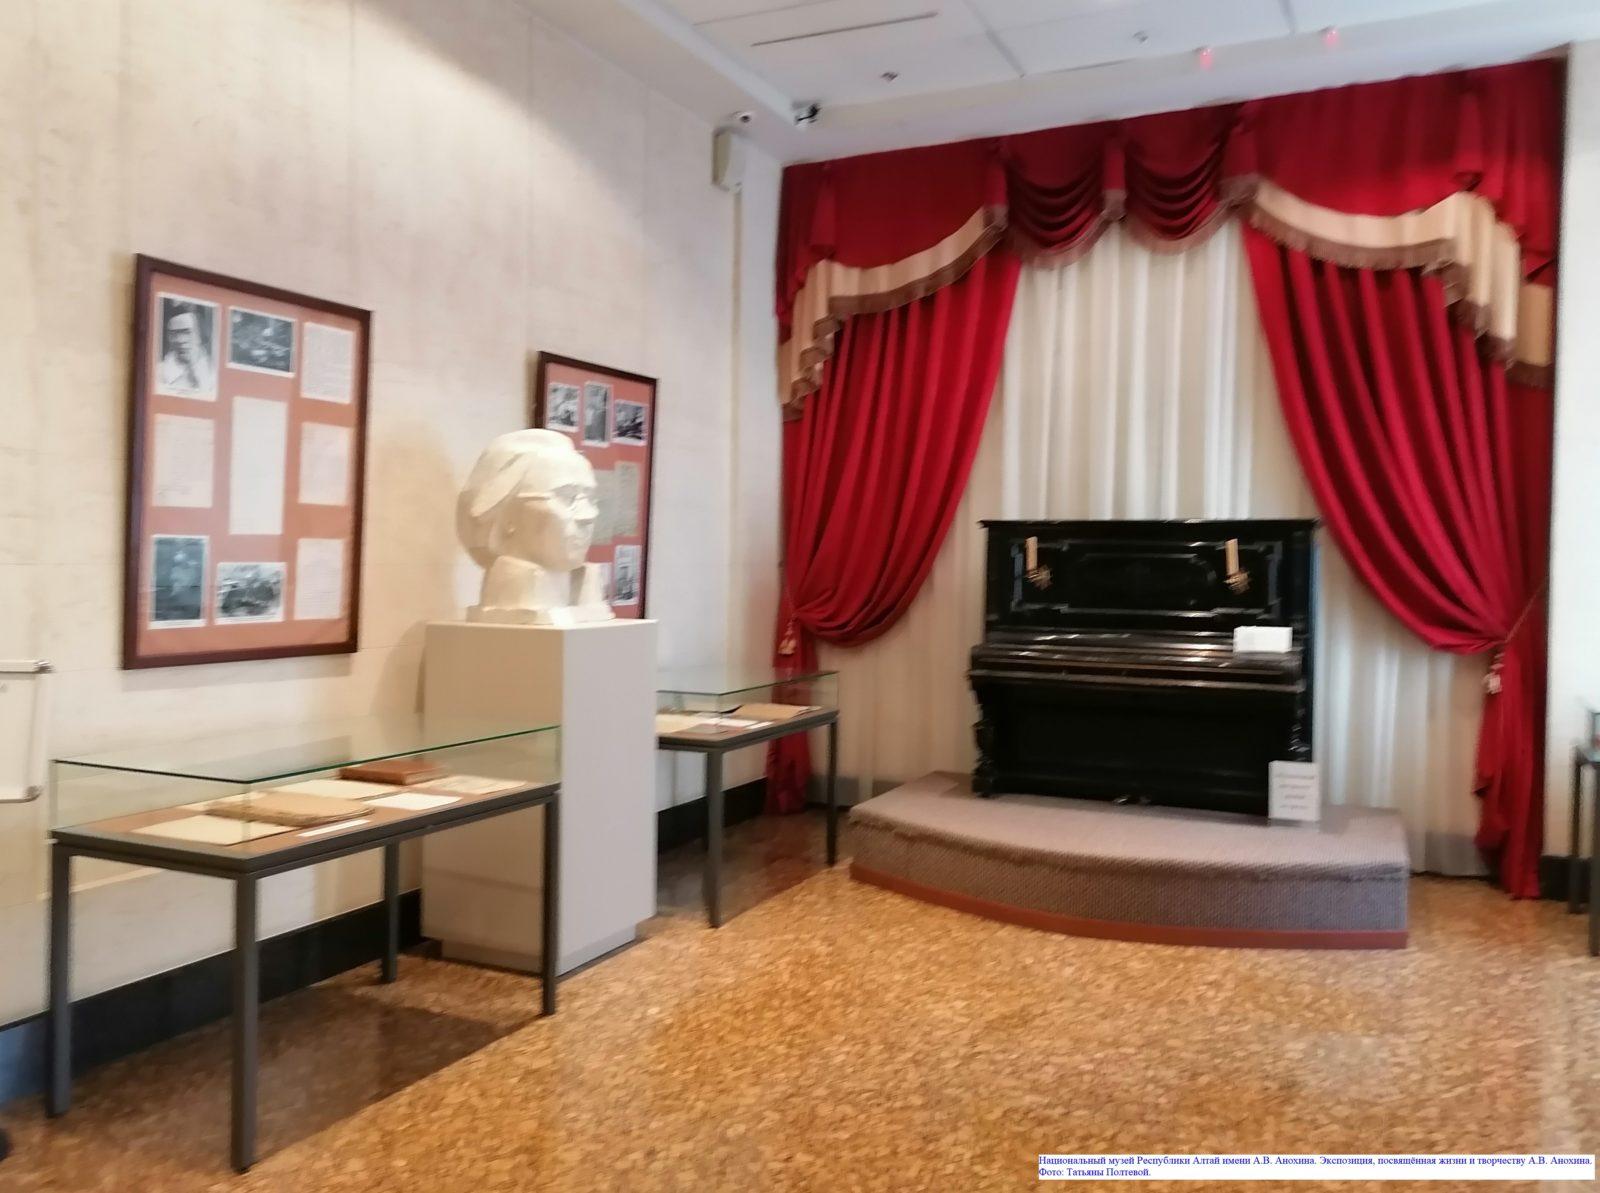 Национальный музей Республики Алтай имени А.В. Анохина. Экспозиция, посвящённая жизни и творчеству А.В. Анохина.